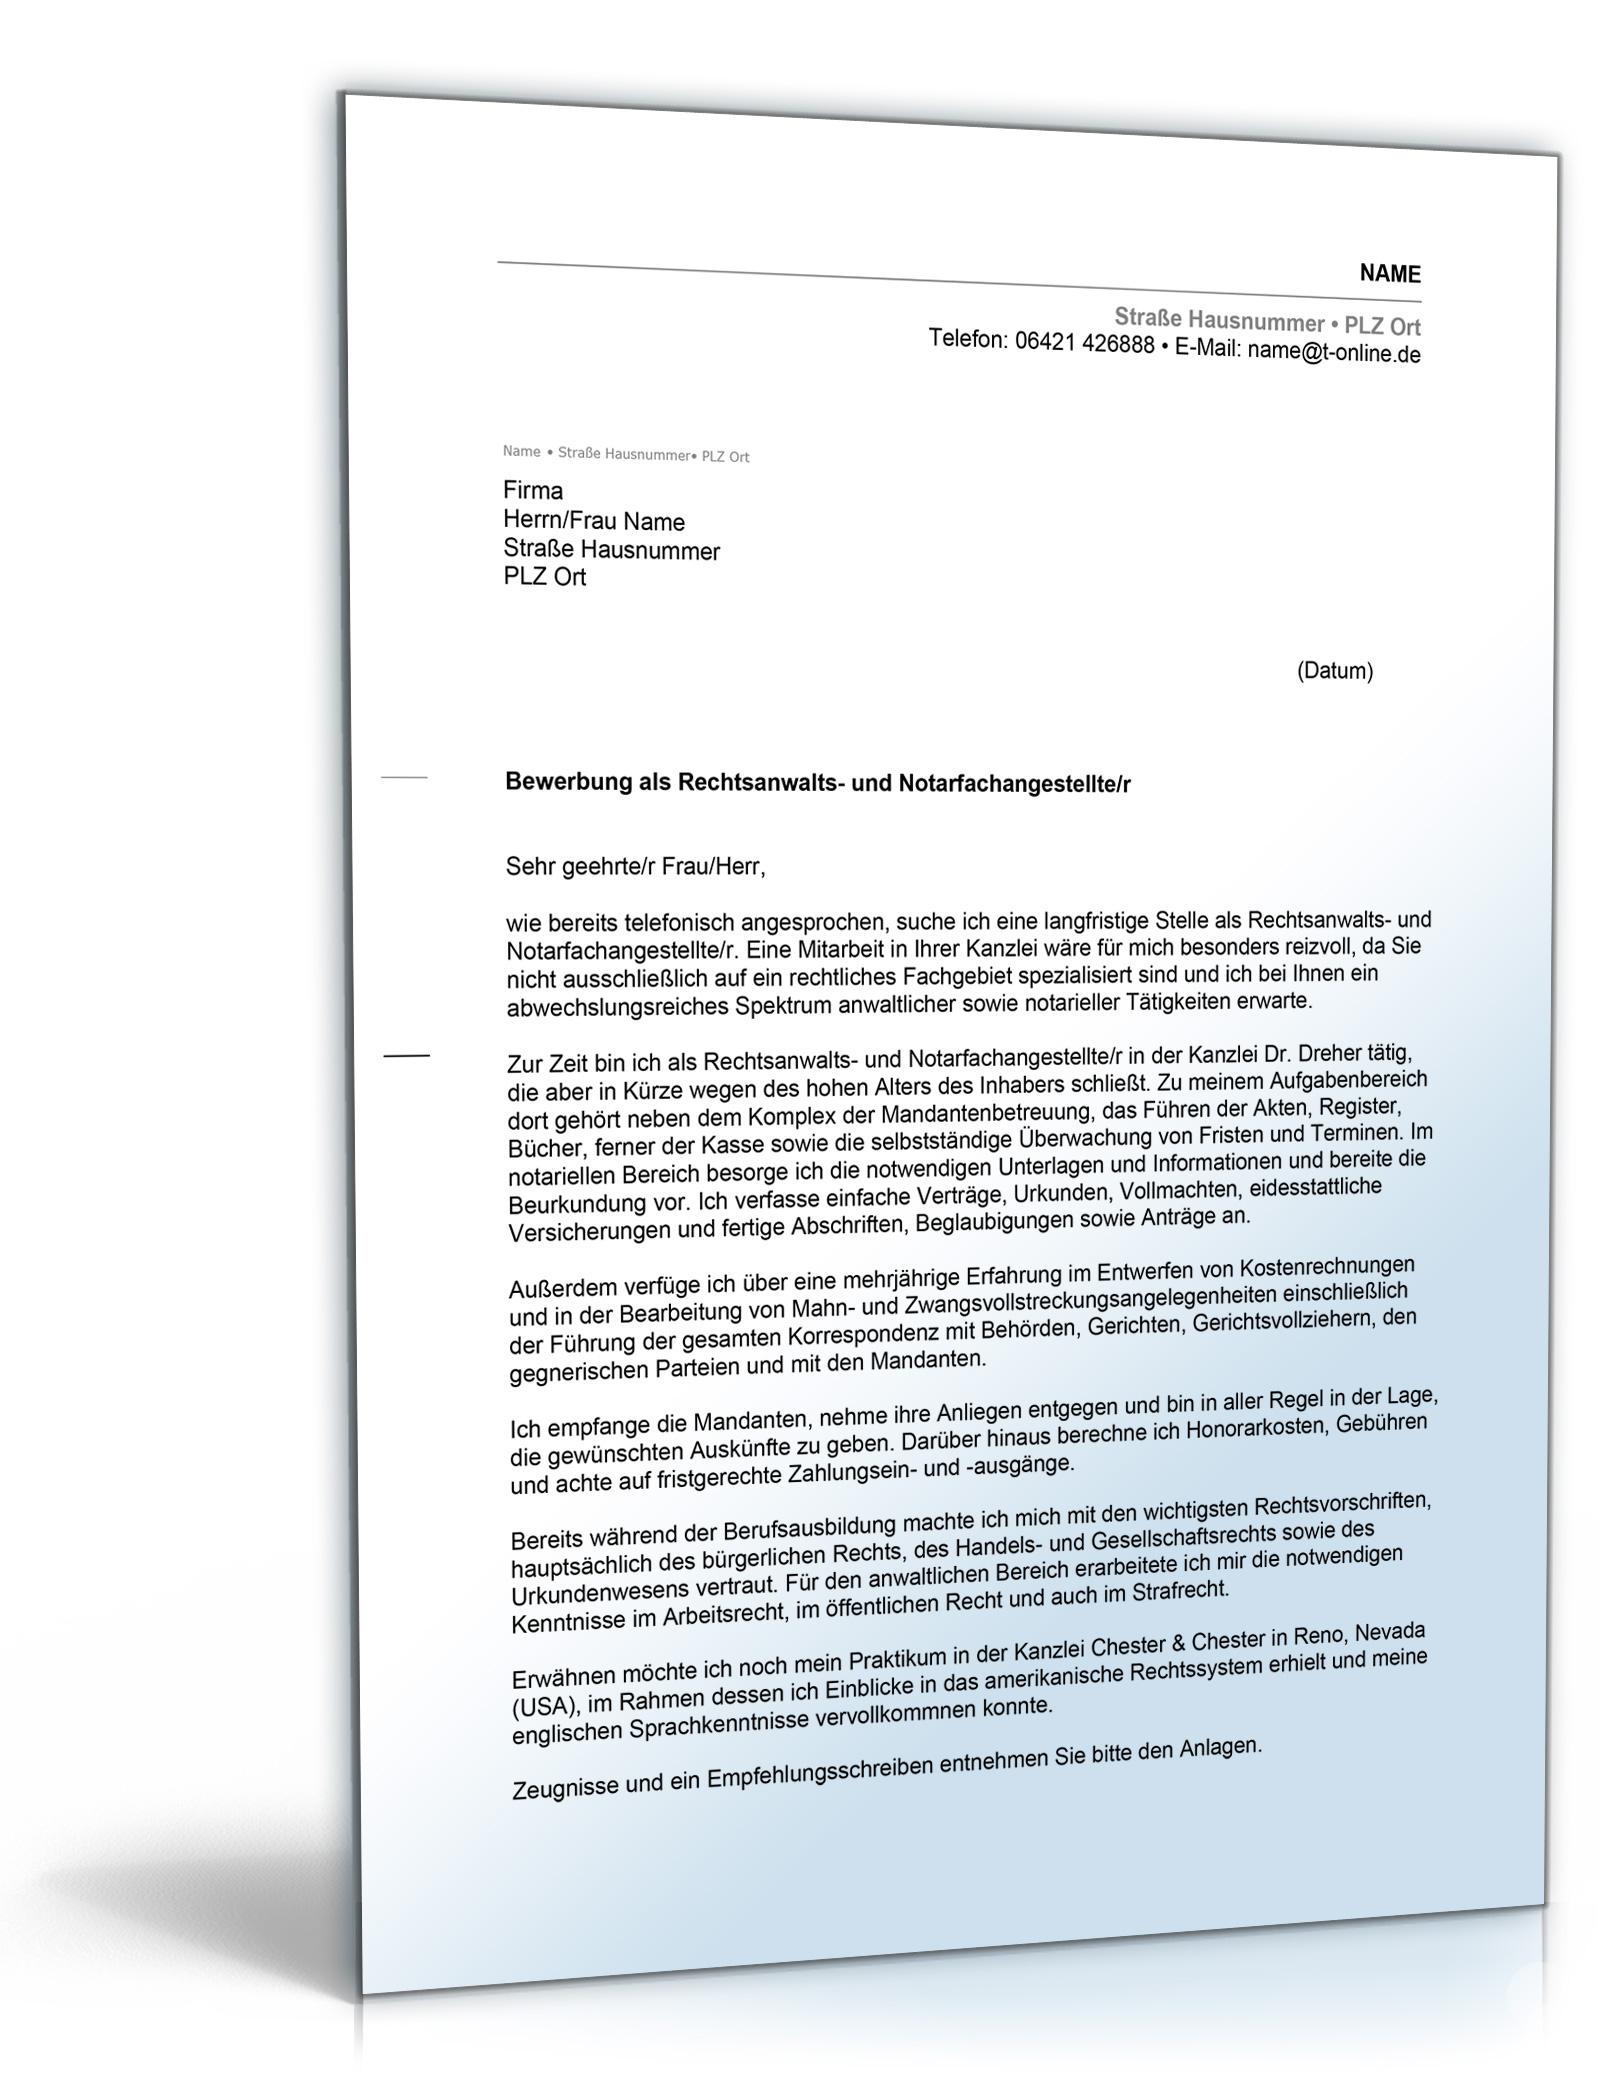 Musterbriefe Notar : Anschreiben bewerbung rechtsanwalts und